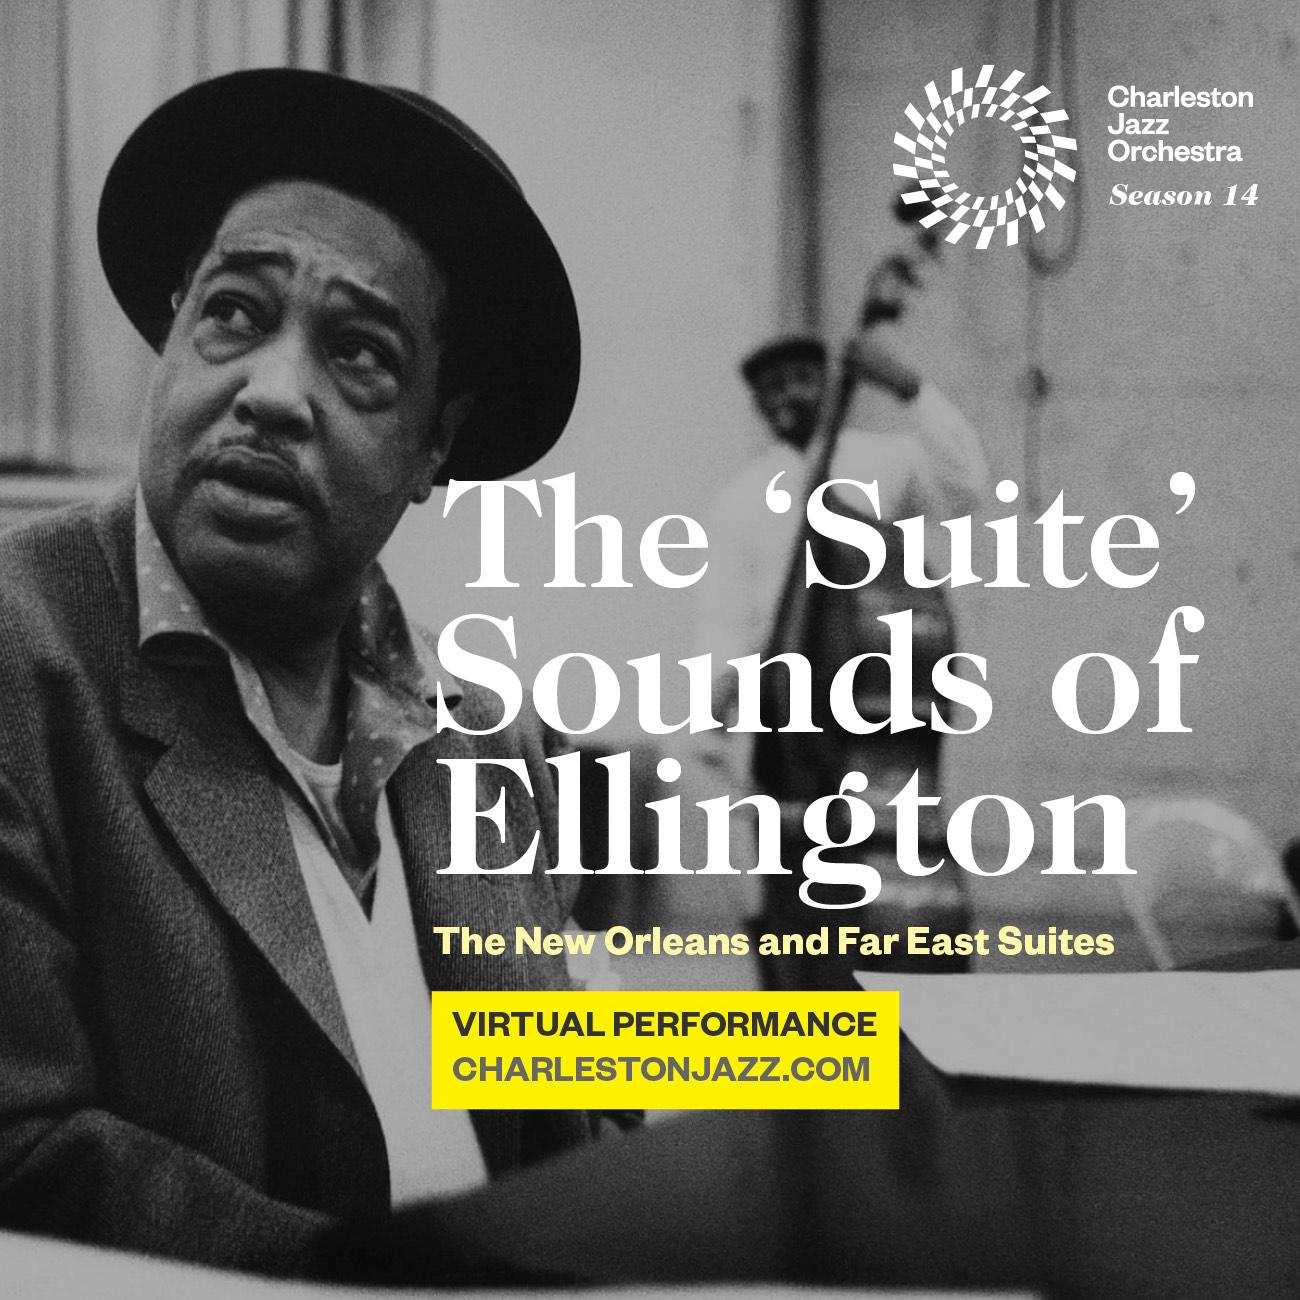 Virtual Performance: The 'Suite' Sounds of Ellington